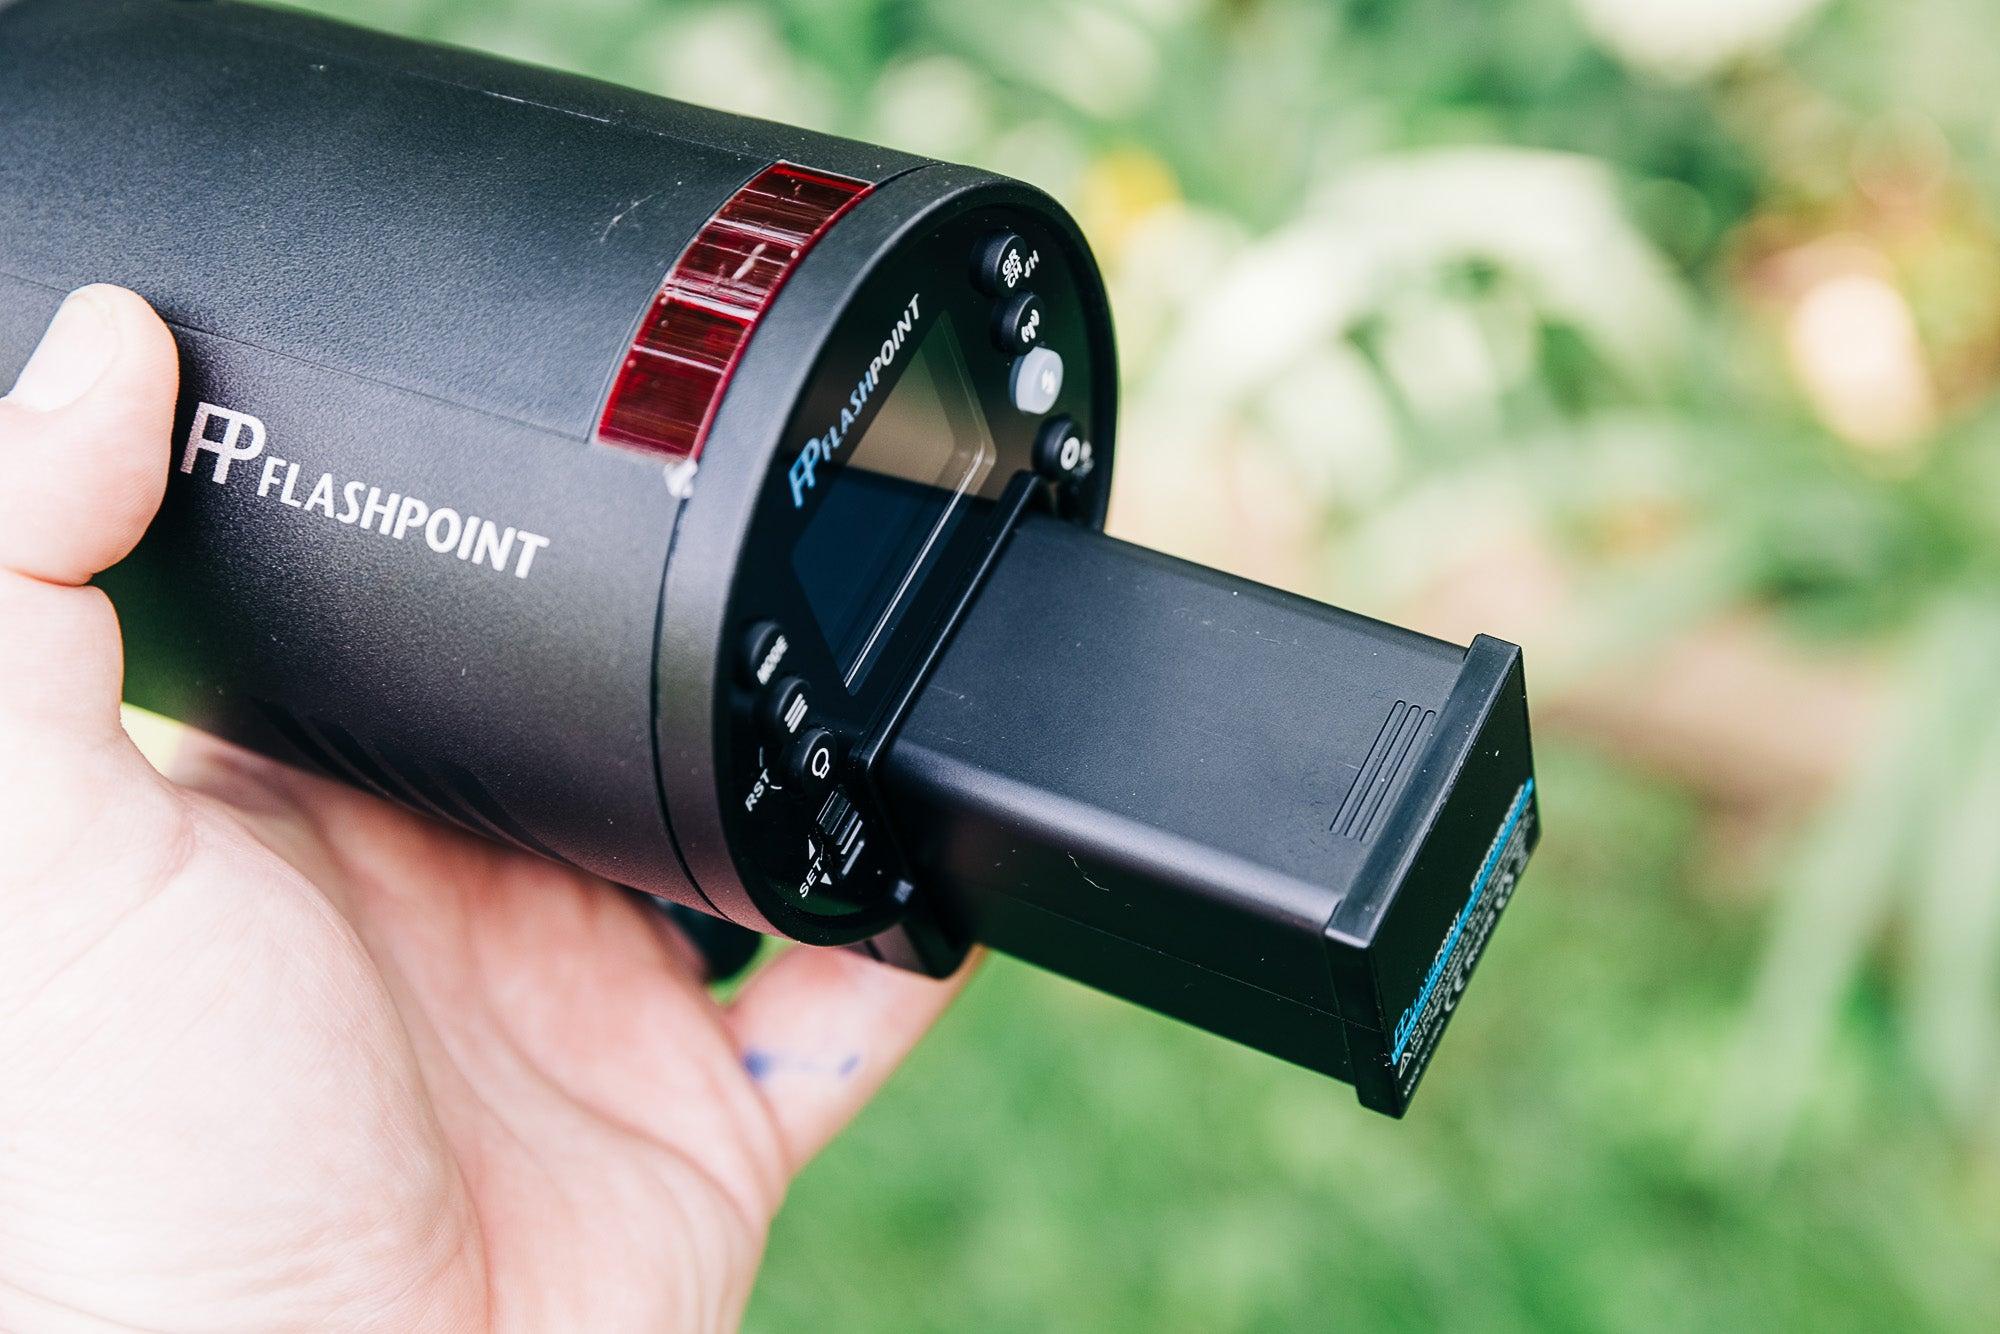 Flashpoint xplor 300 pro ttl r2 battery